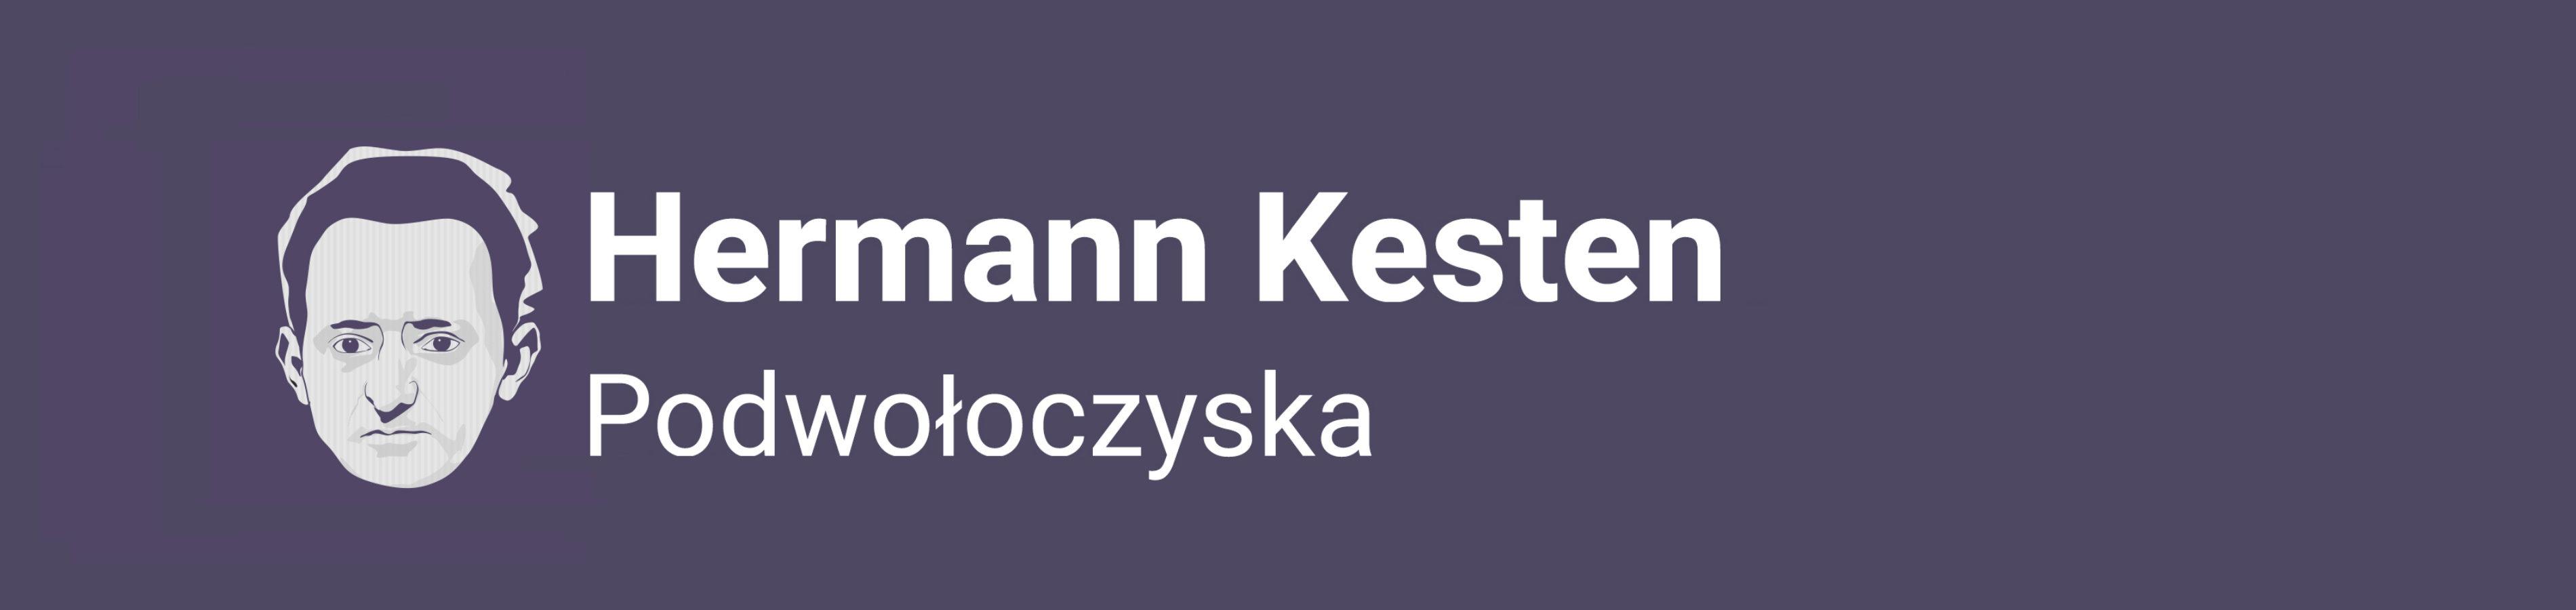 http://www.bukgalstrasse.com/wp-content/uploads/2018/06/Hermann_Kesten333-3800x900.jpg